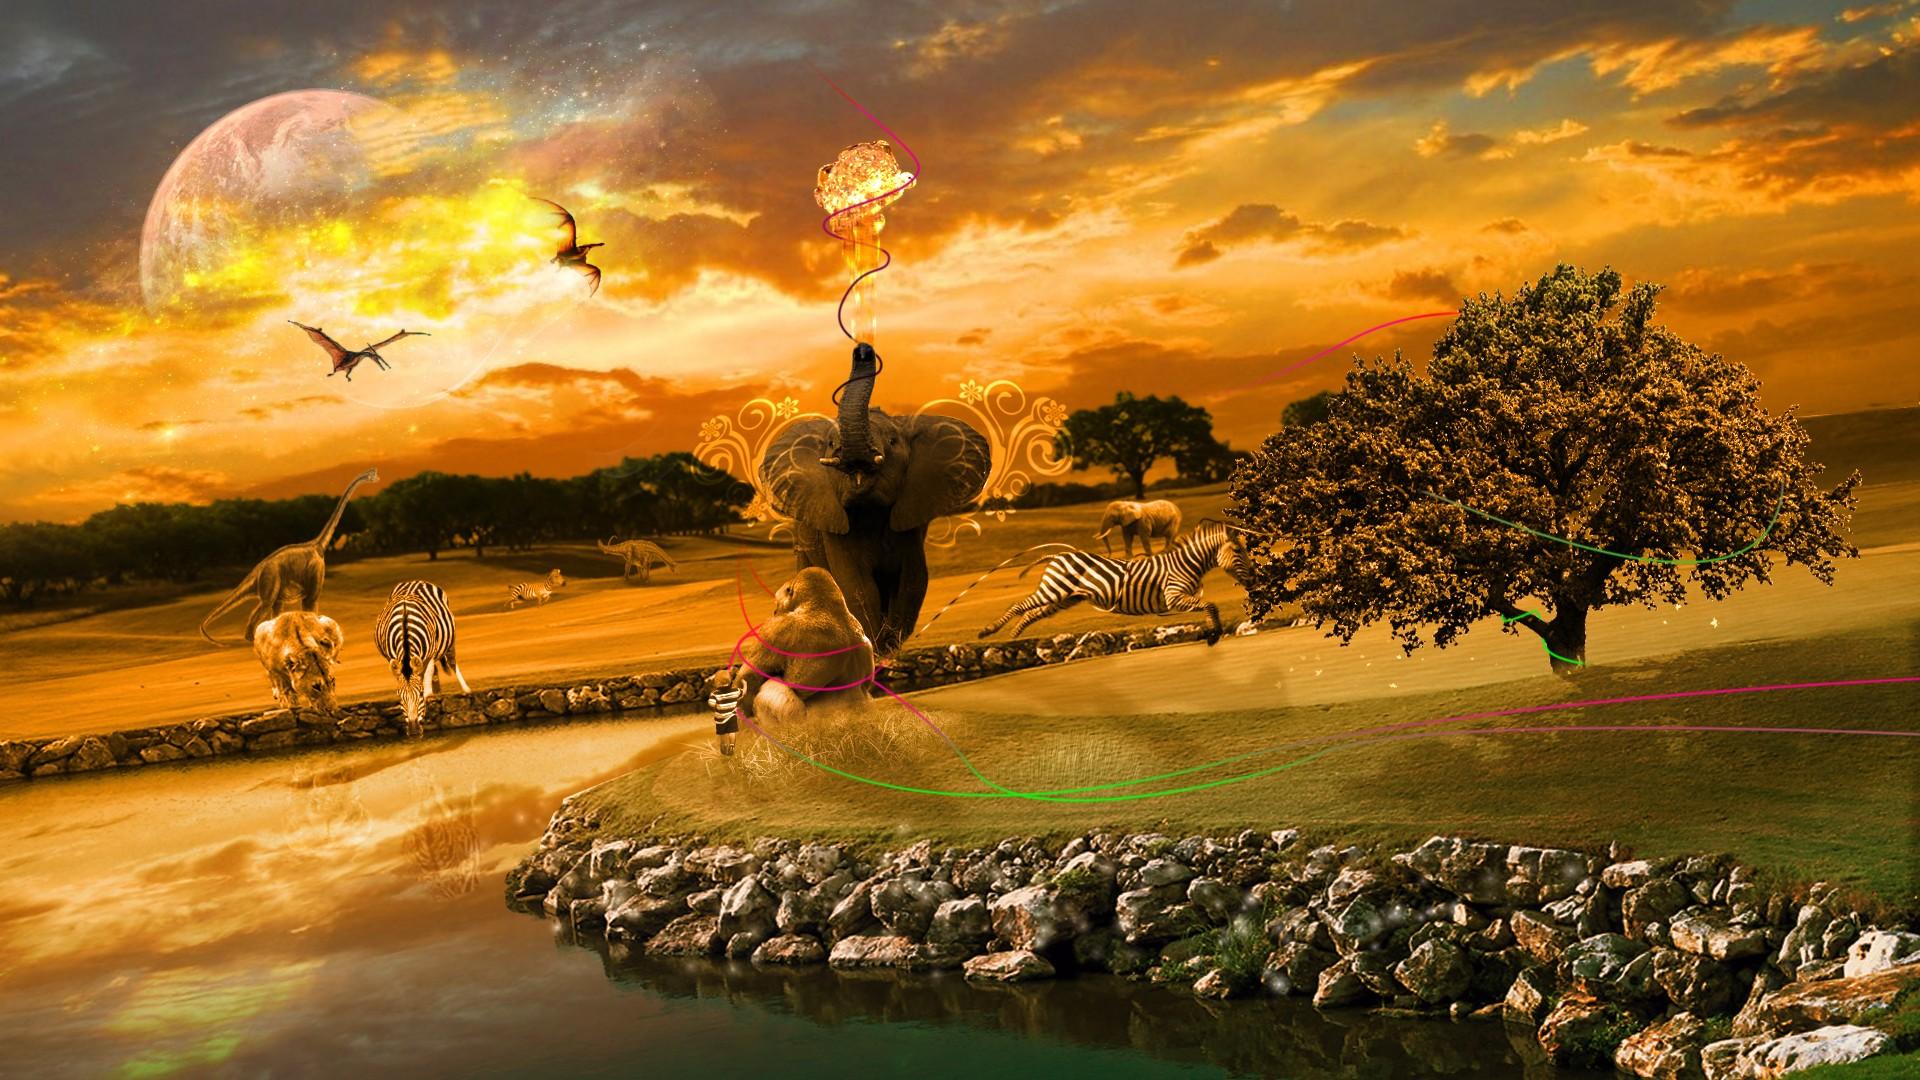 HD Africa Wallpaper